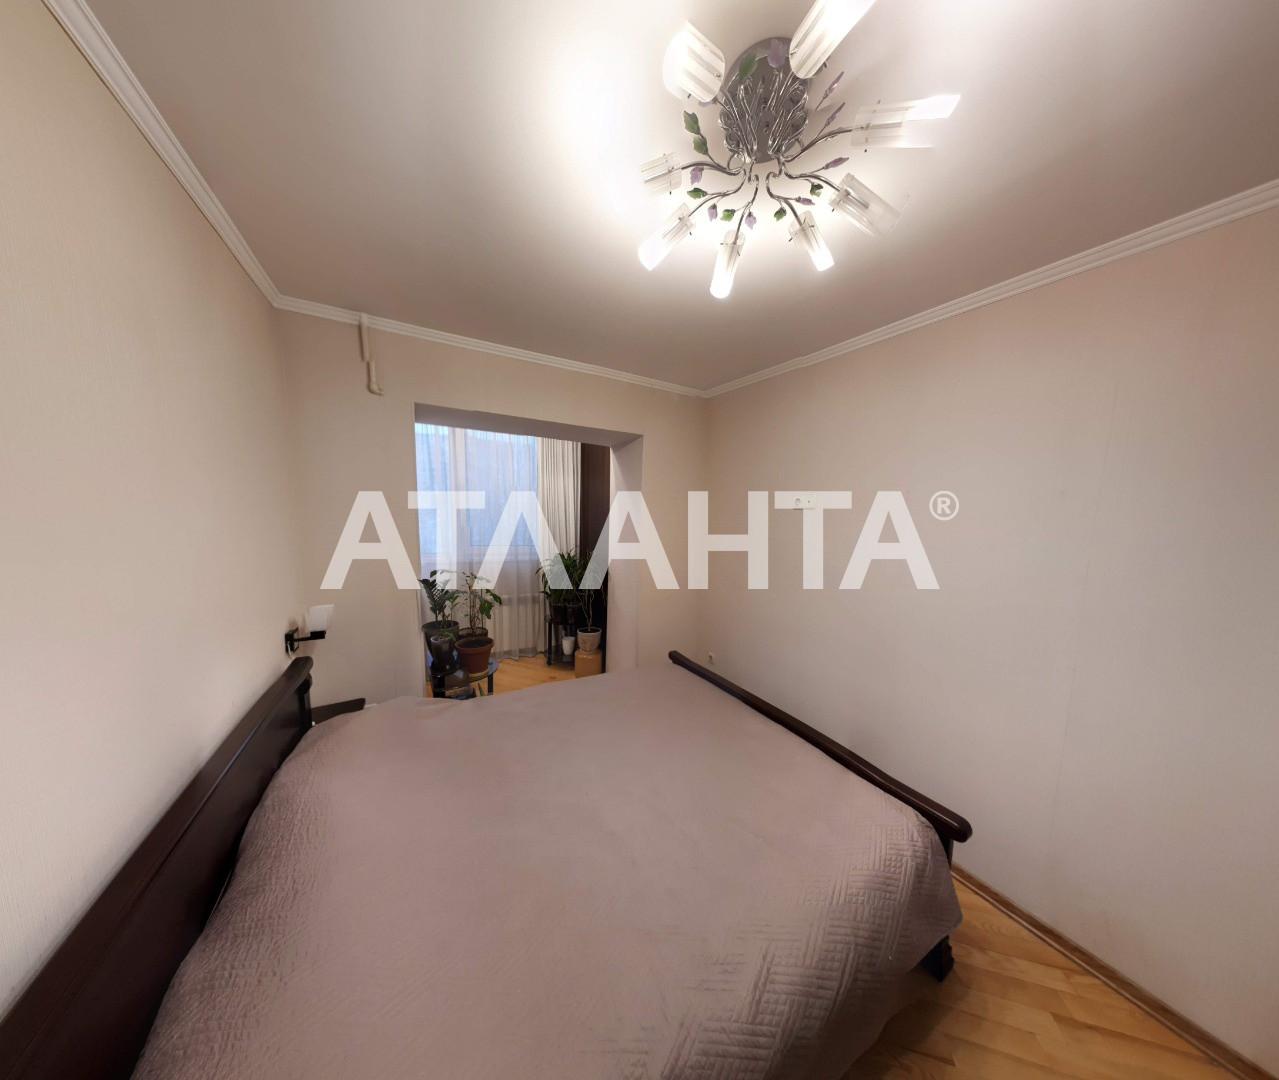 Продается 2-комнатная Квартира на ул. Просп. Голосеевский (40-Летия Октября) — 68 000 у.е. (фото №6)